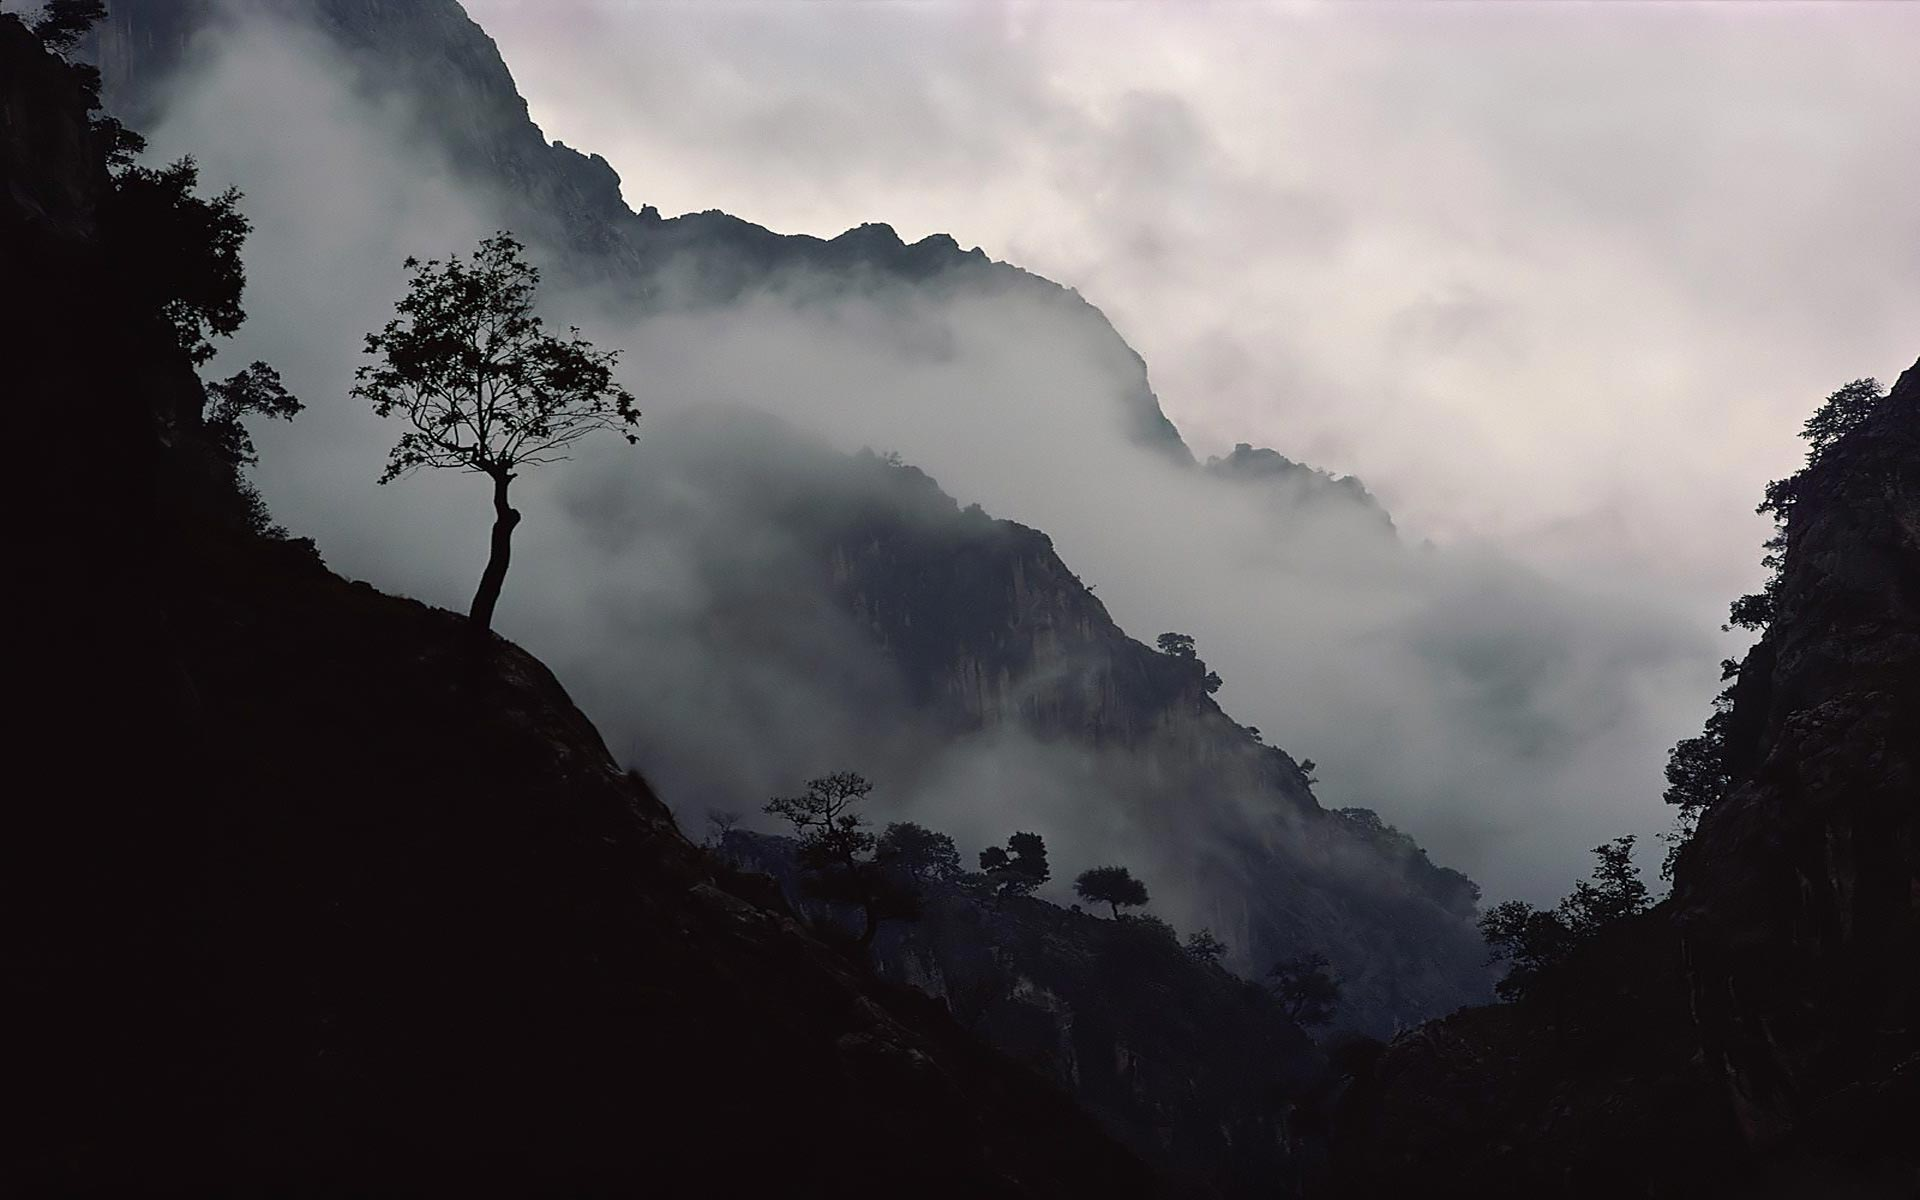 Misty Wallpaper HD